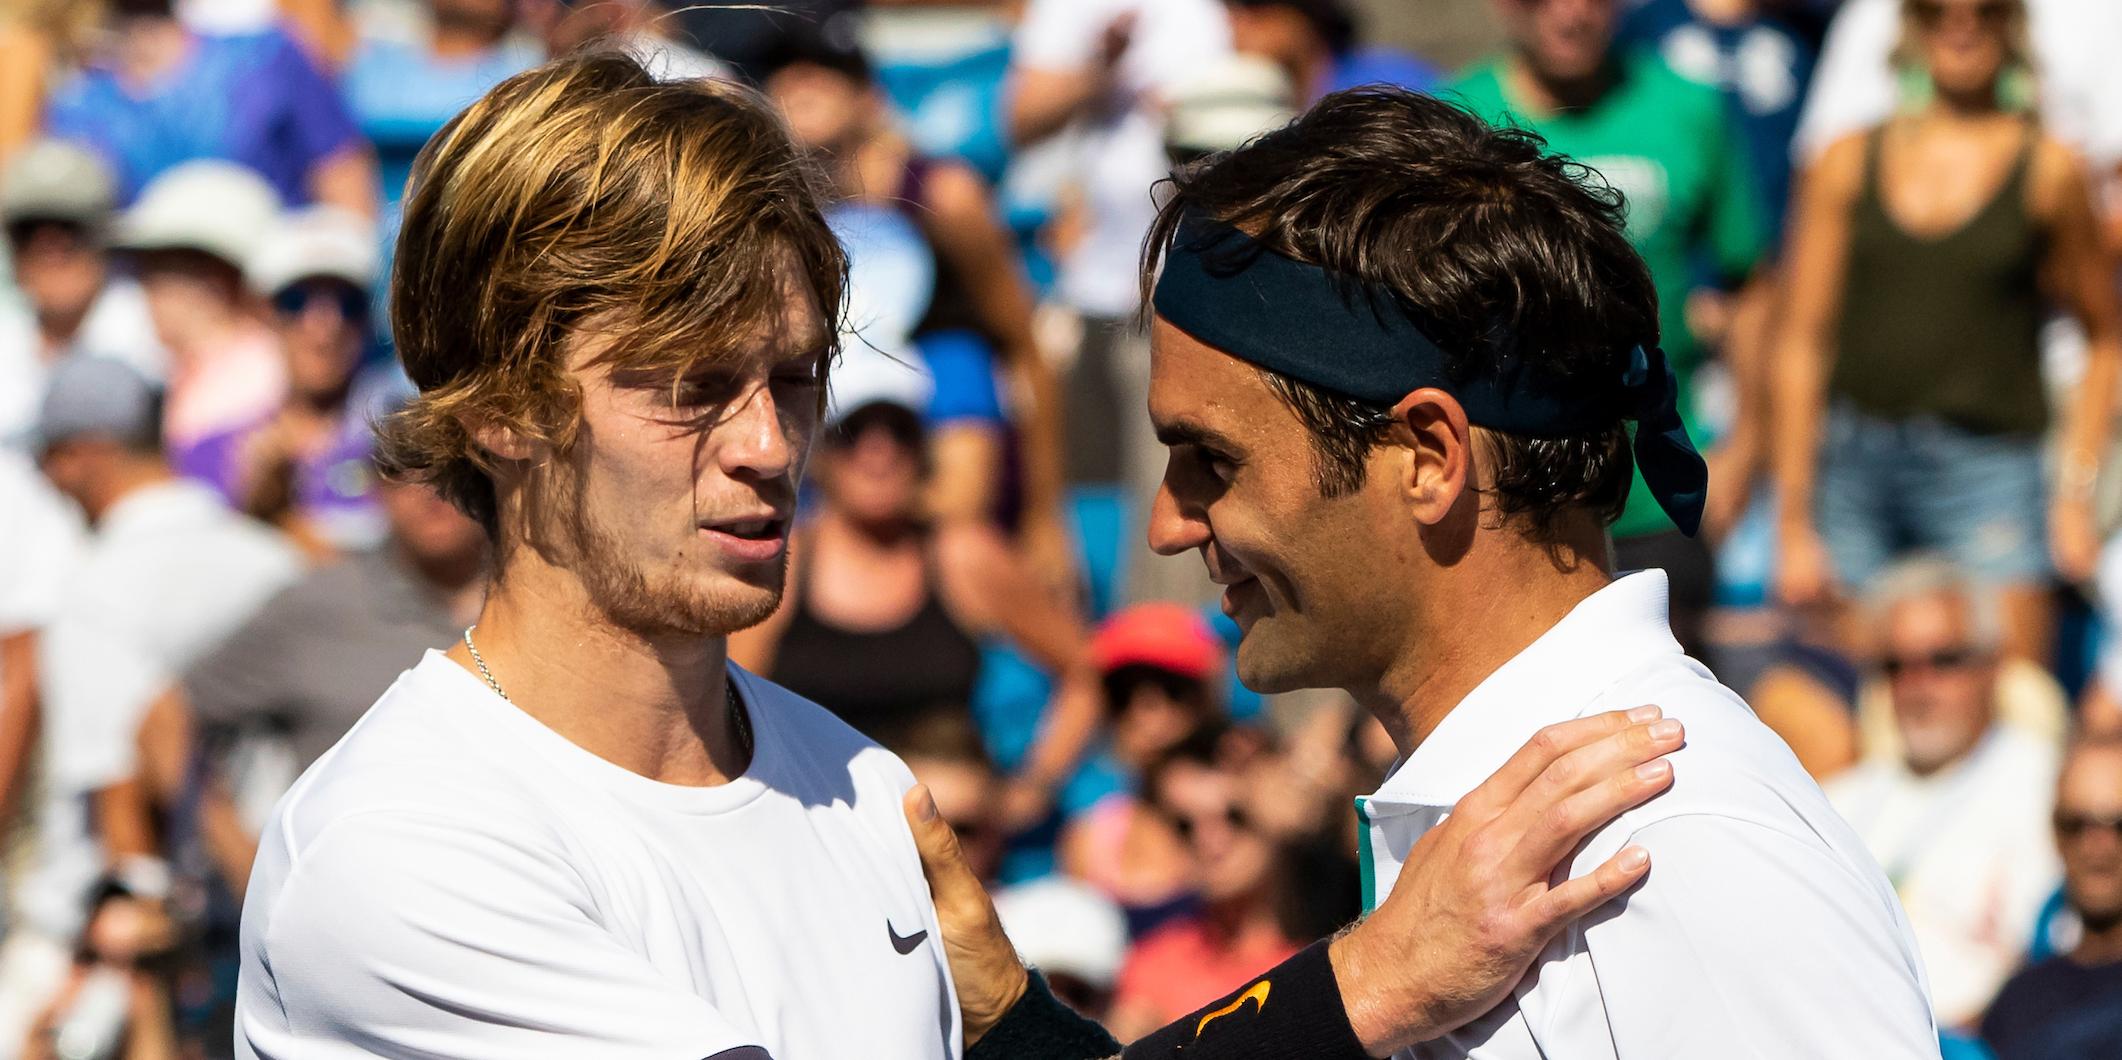 Andrey Rublev and Roger Federer